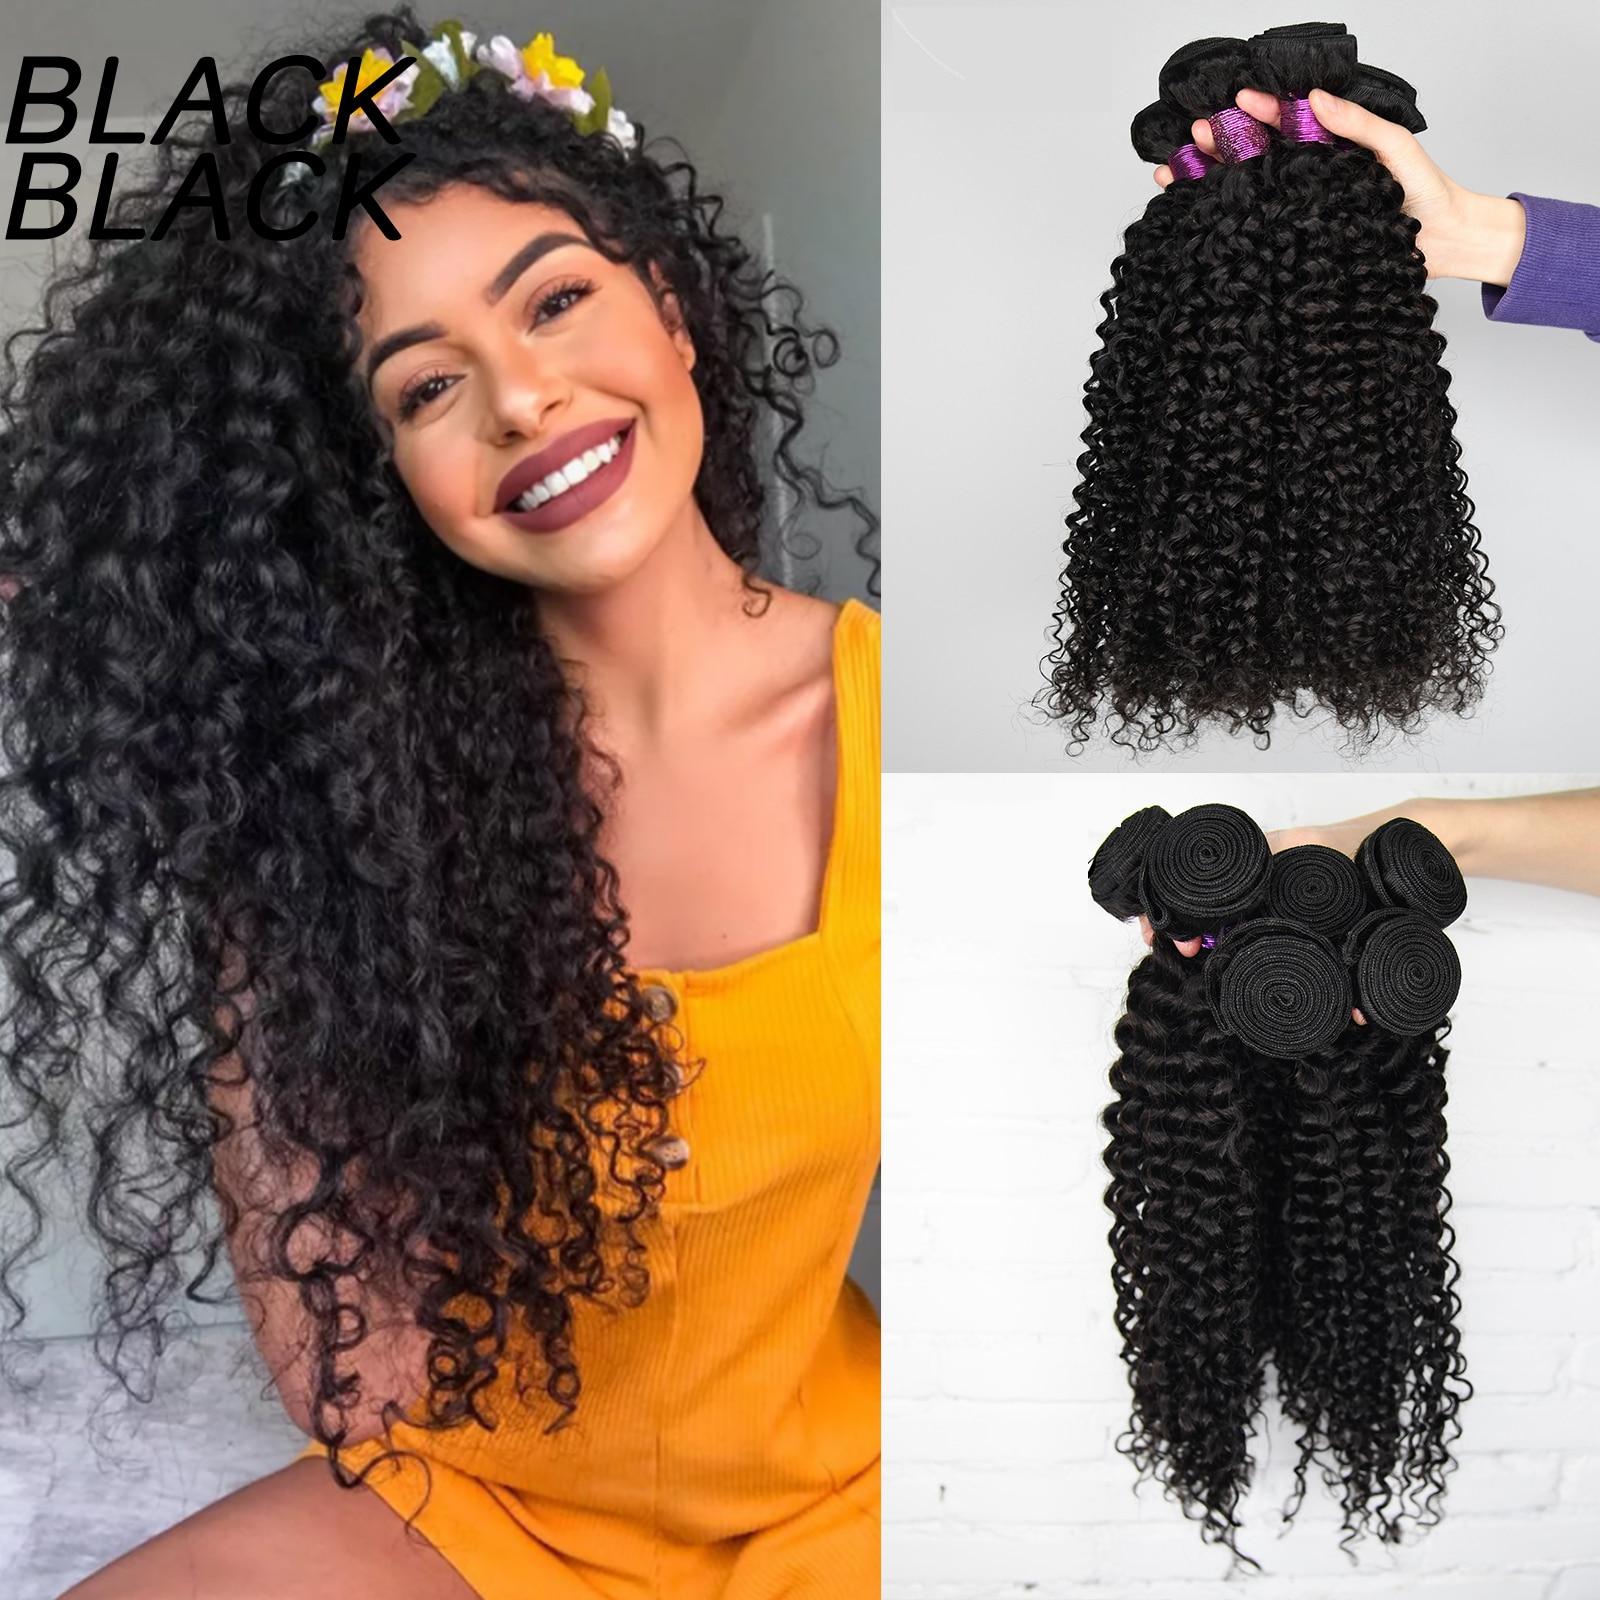 Черные малазийские вьющиеся волнистые пучки волос, глубокие вьющиеся волосы, пряди 30, 32, 34, 36 дюймов, человеческие натуральные волосы, толсты...